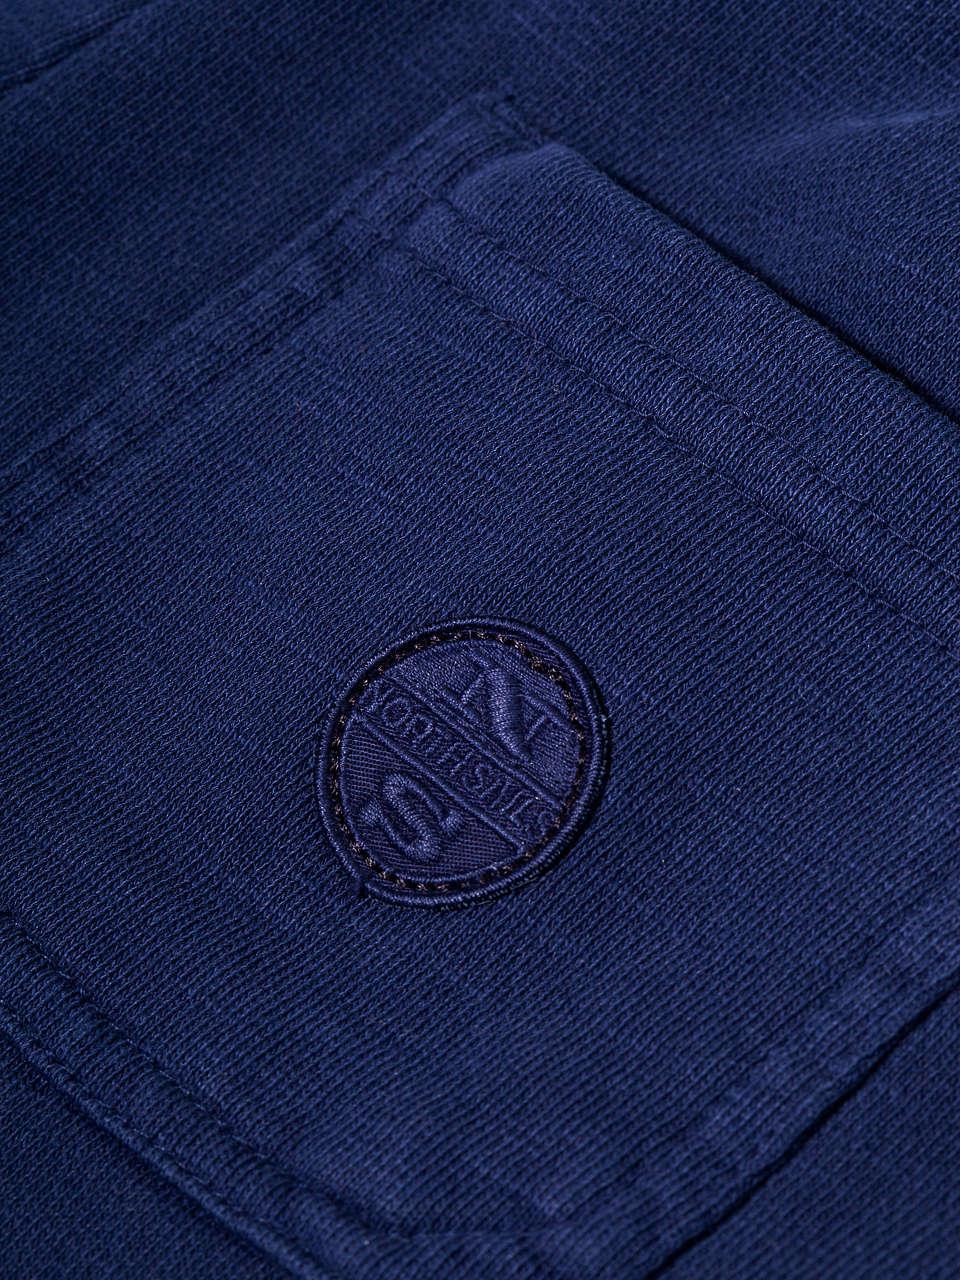 Lowell Pocket Sweatshort